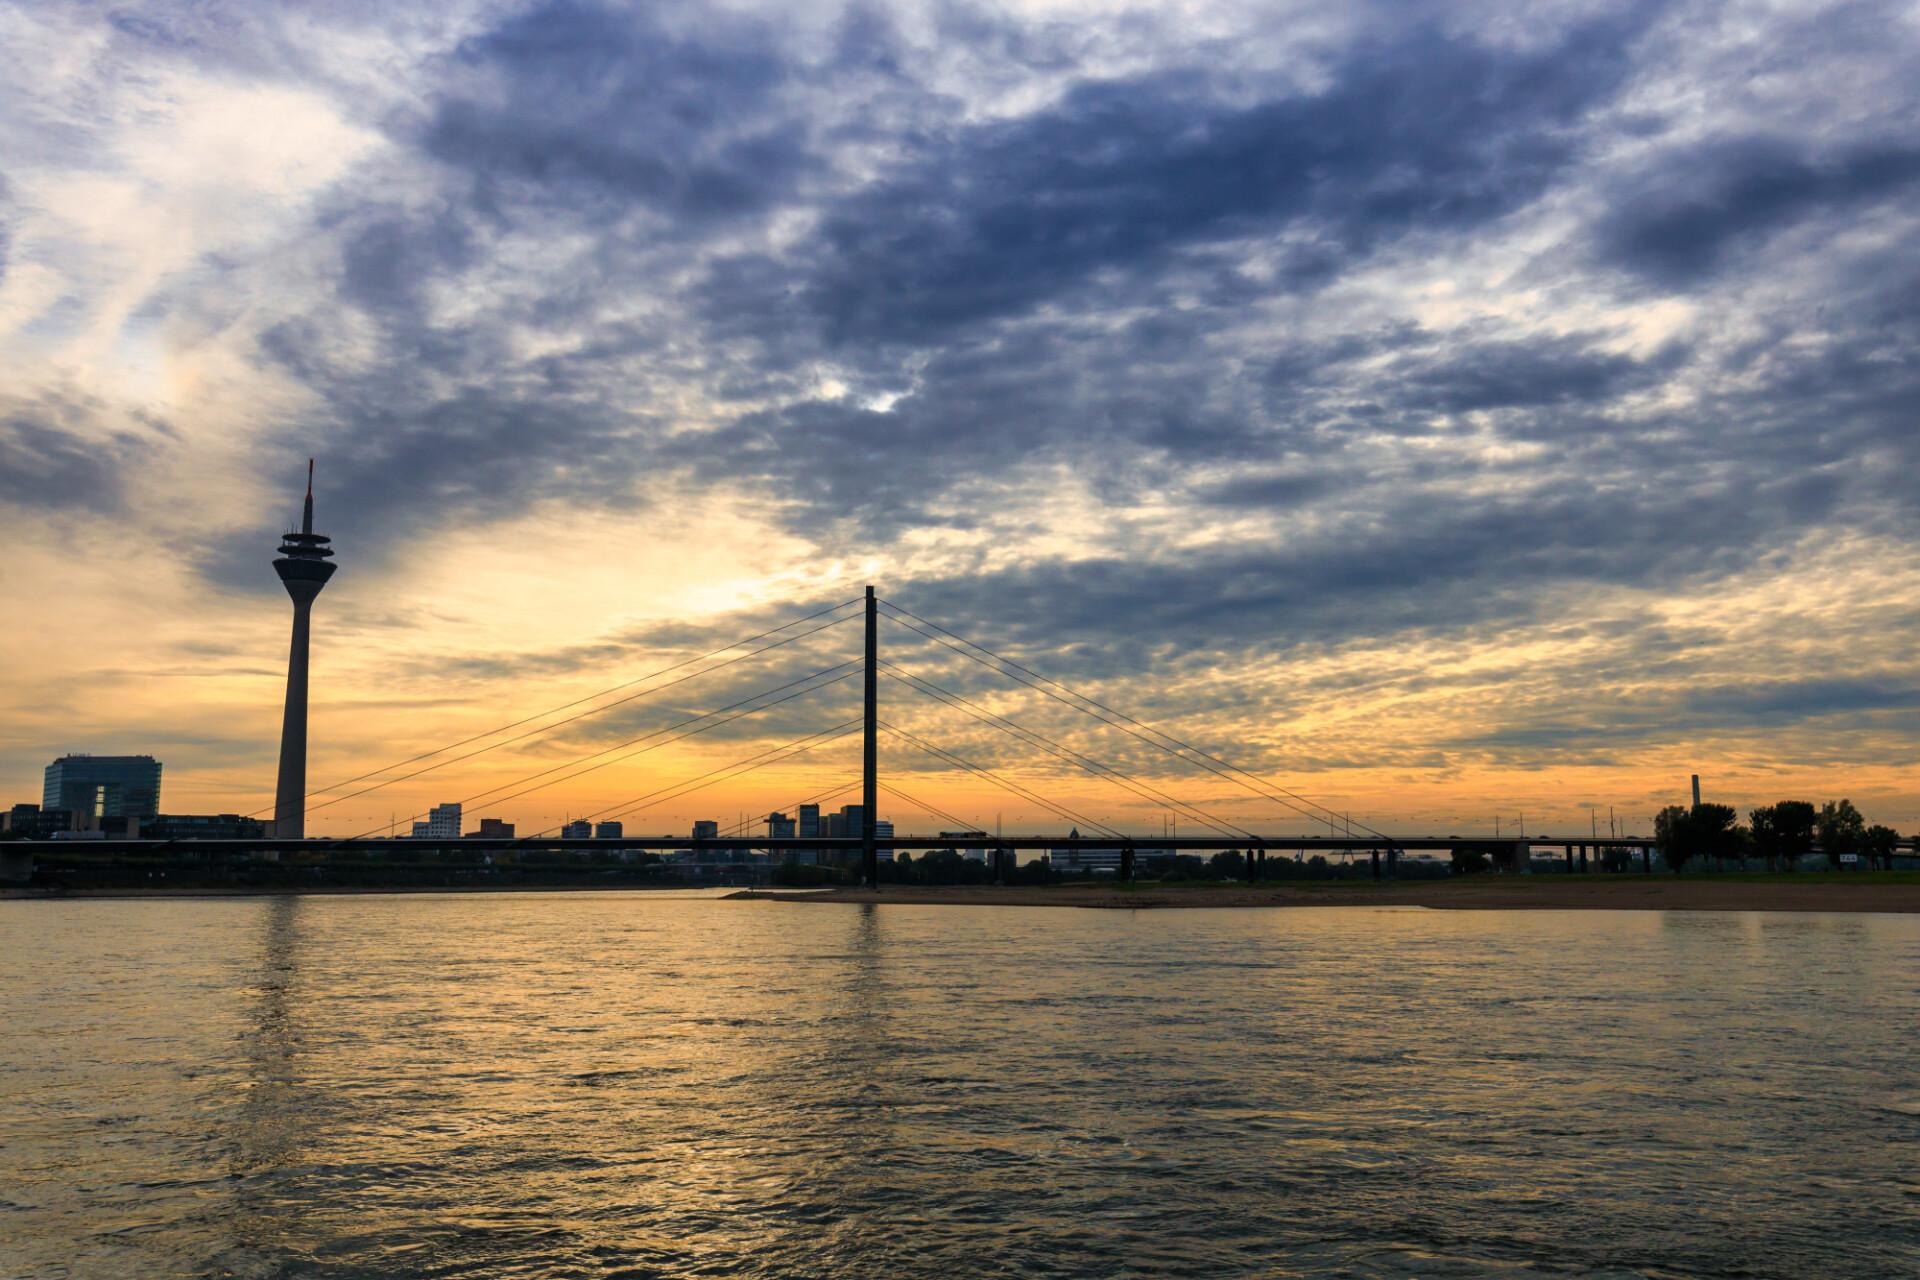 Dusseldorf on the rhine